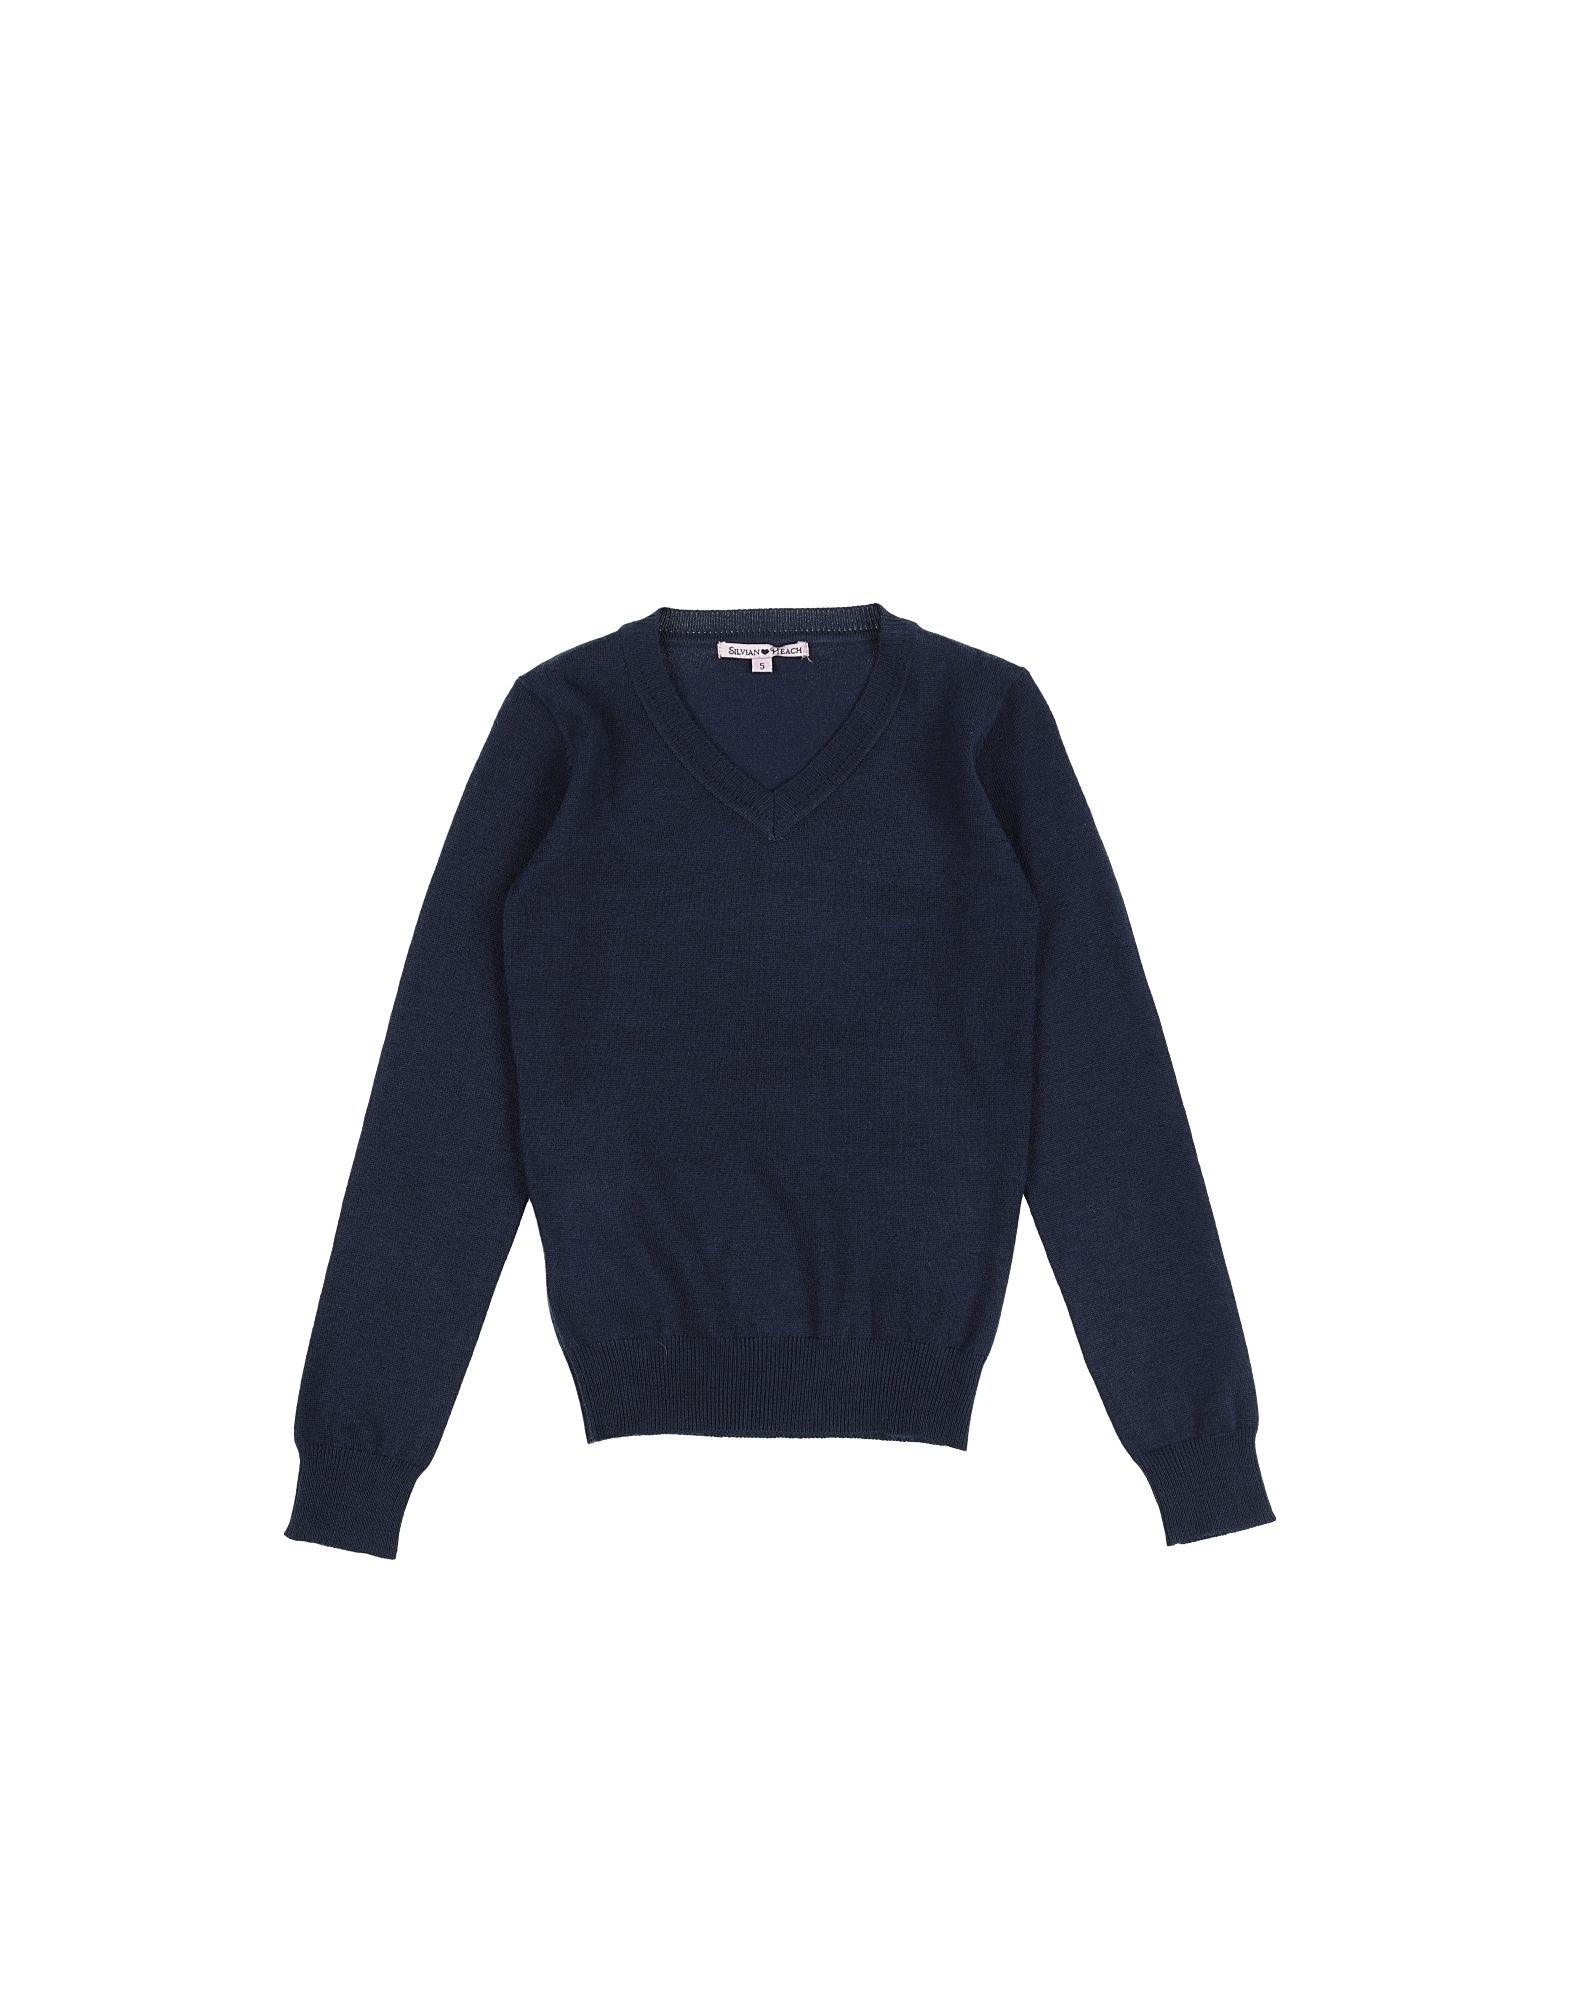 HEACH DOLLS by SILVIAN HEACH Sweaters